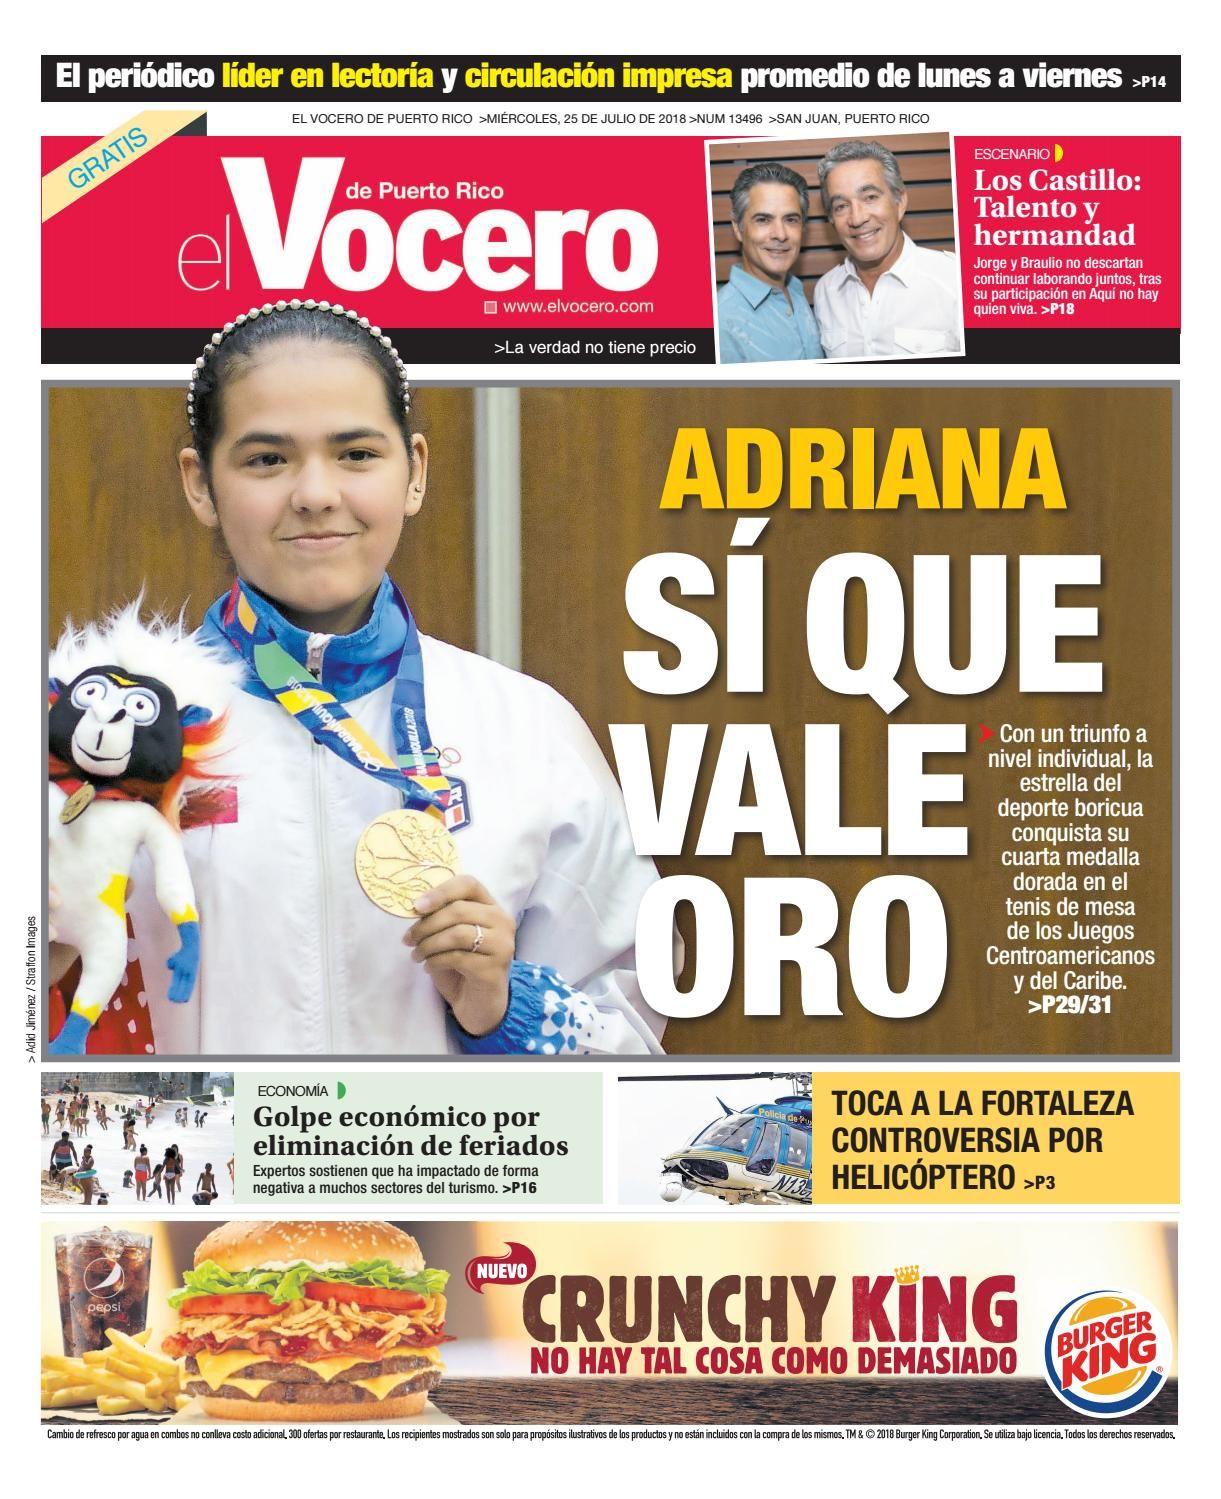 Edición Del 25 De Julio De 2018 25 De Julio Puerto Rico Edicion